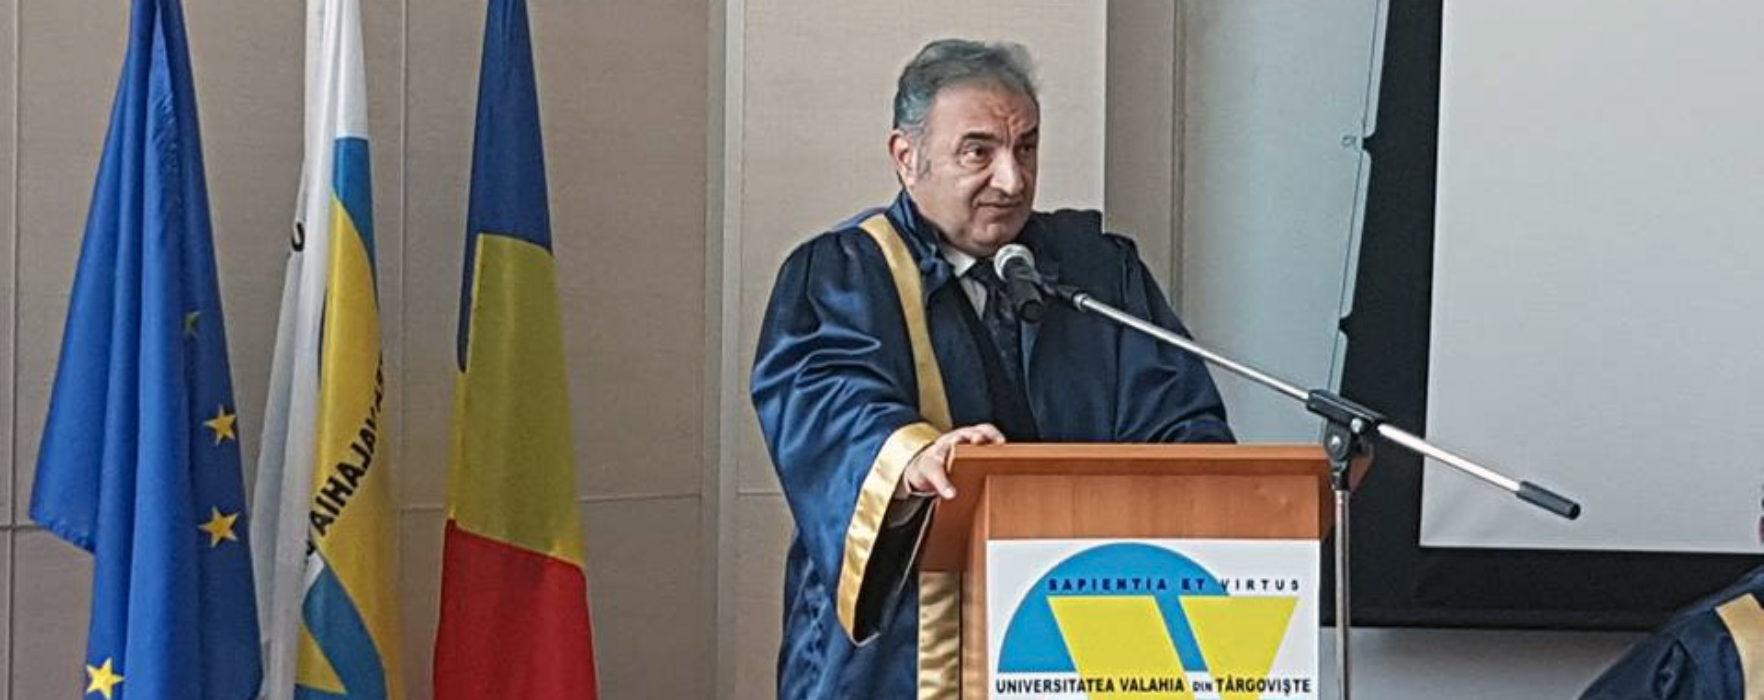 Dâmboviţa: Prim-viceguvernatorul BNR Florin Georgescu a primit titlul de Doctor Honoris Causa al Universităţii Valahia